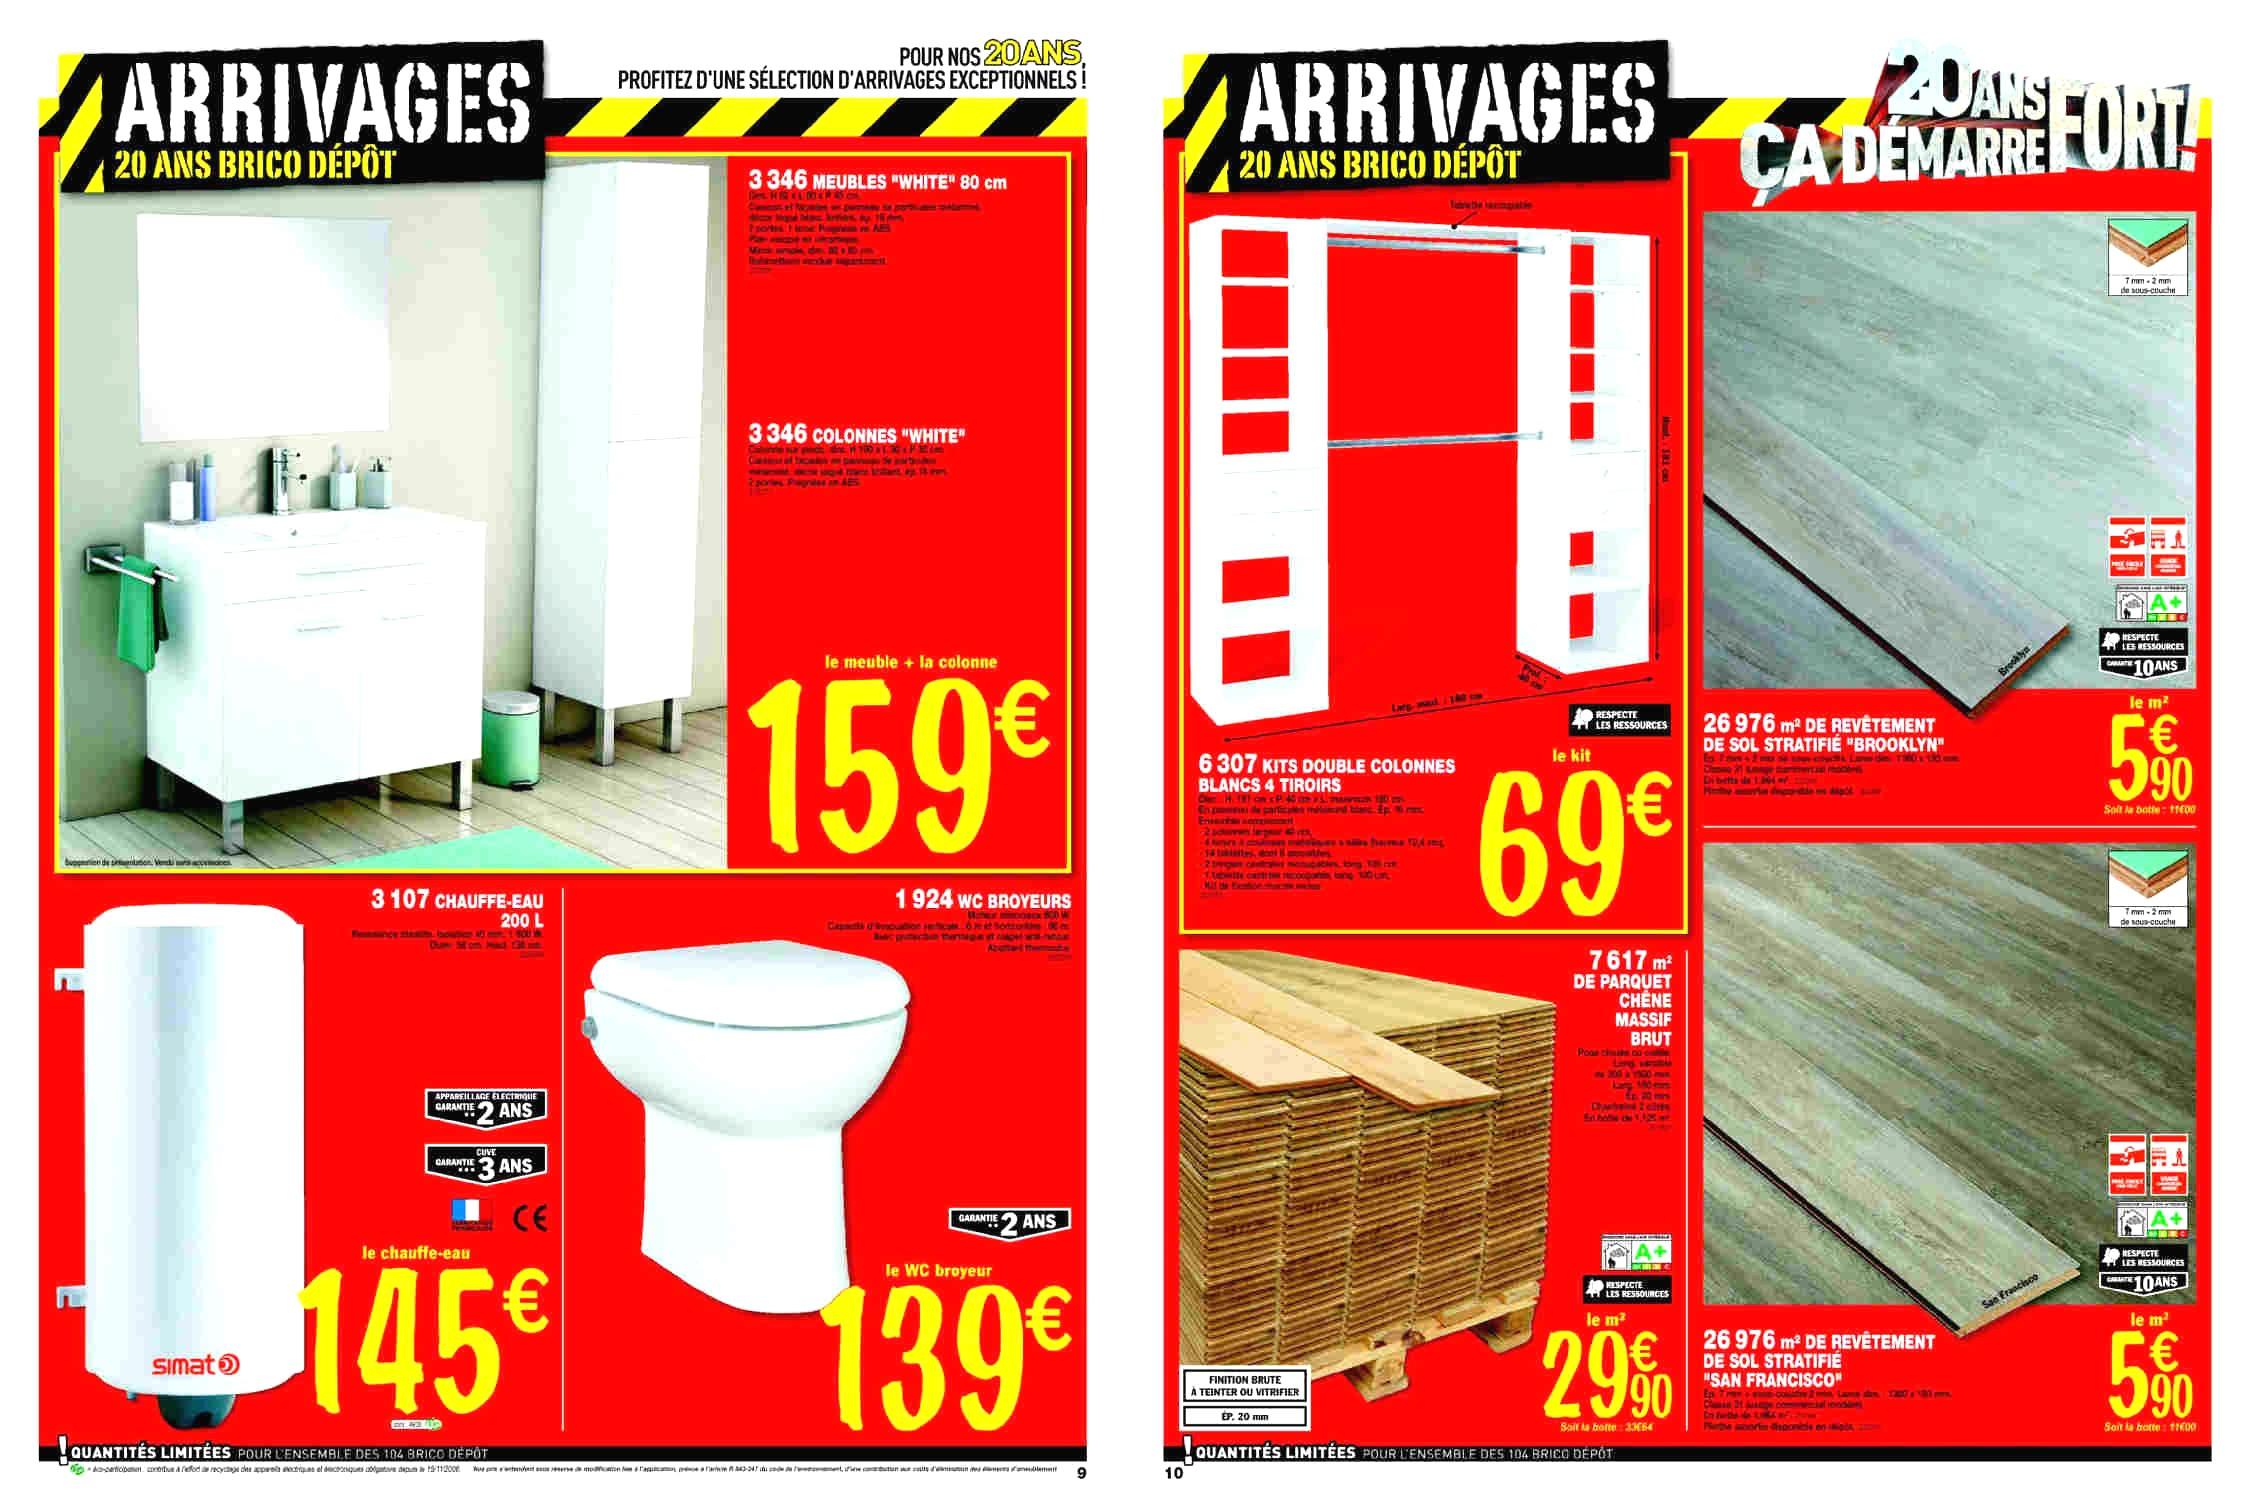 Meuble Wc Brico Dépot Frais Photos Brico Depot Bache De Protection